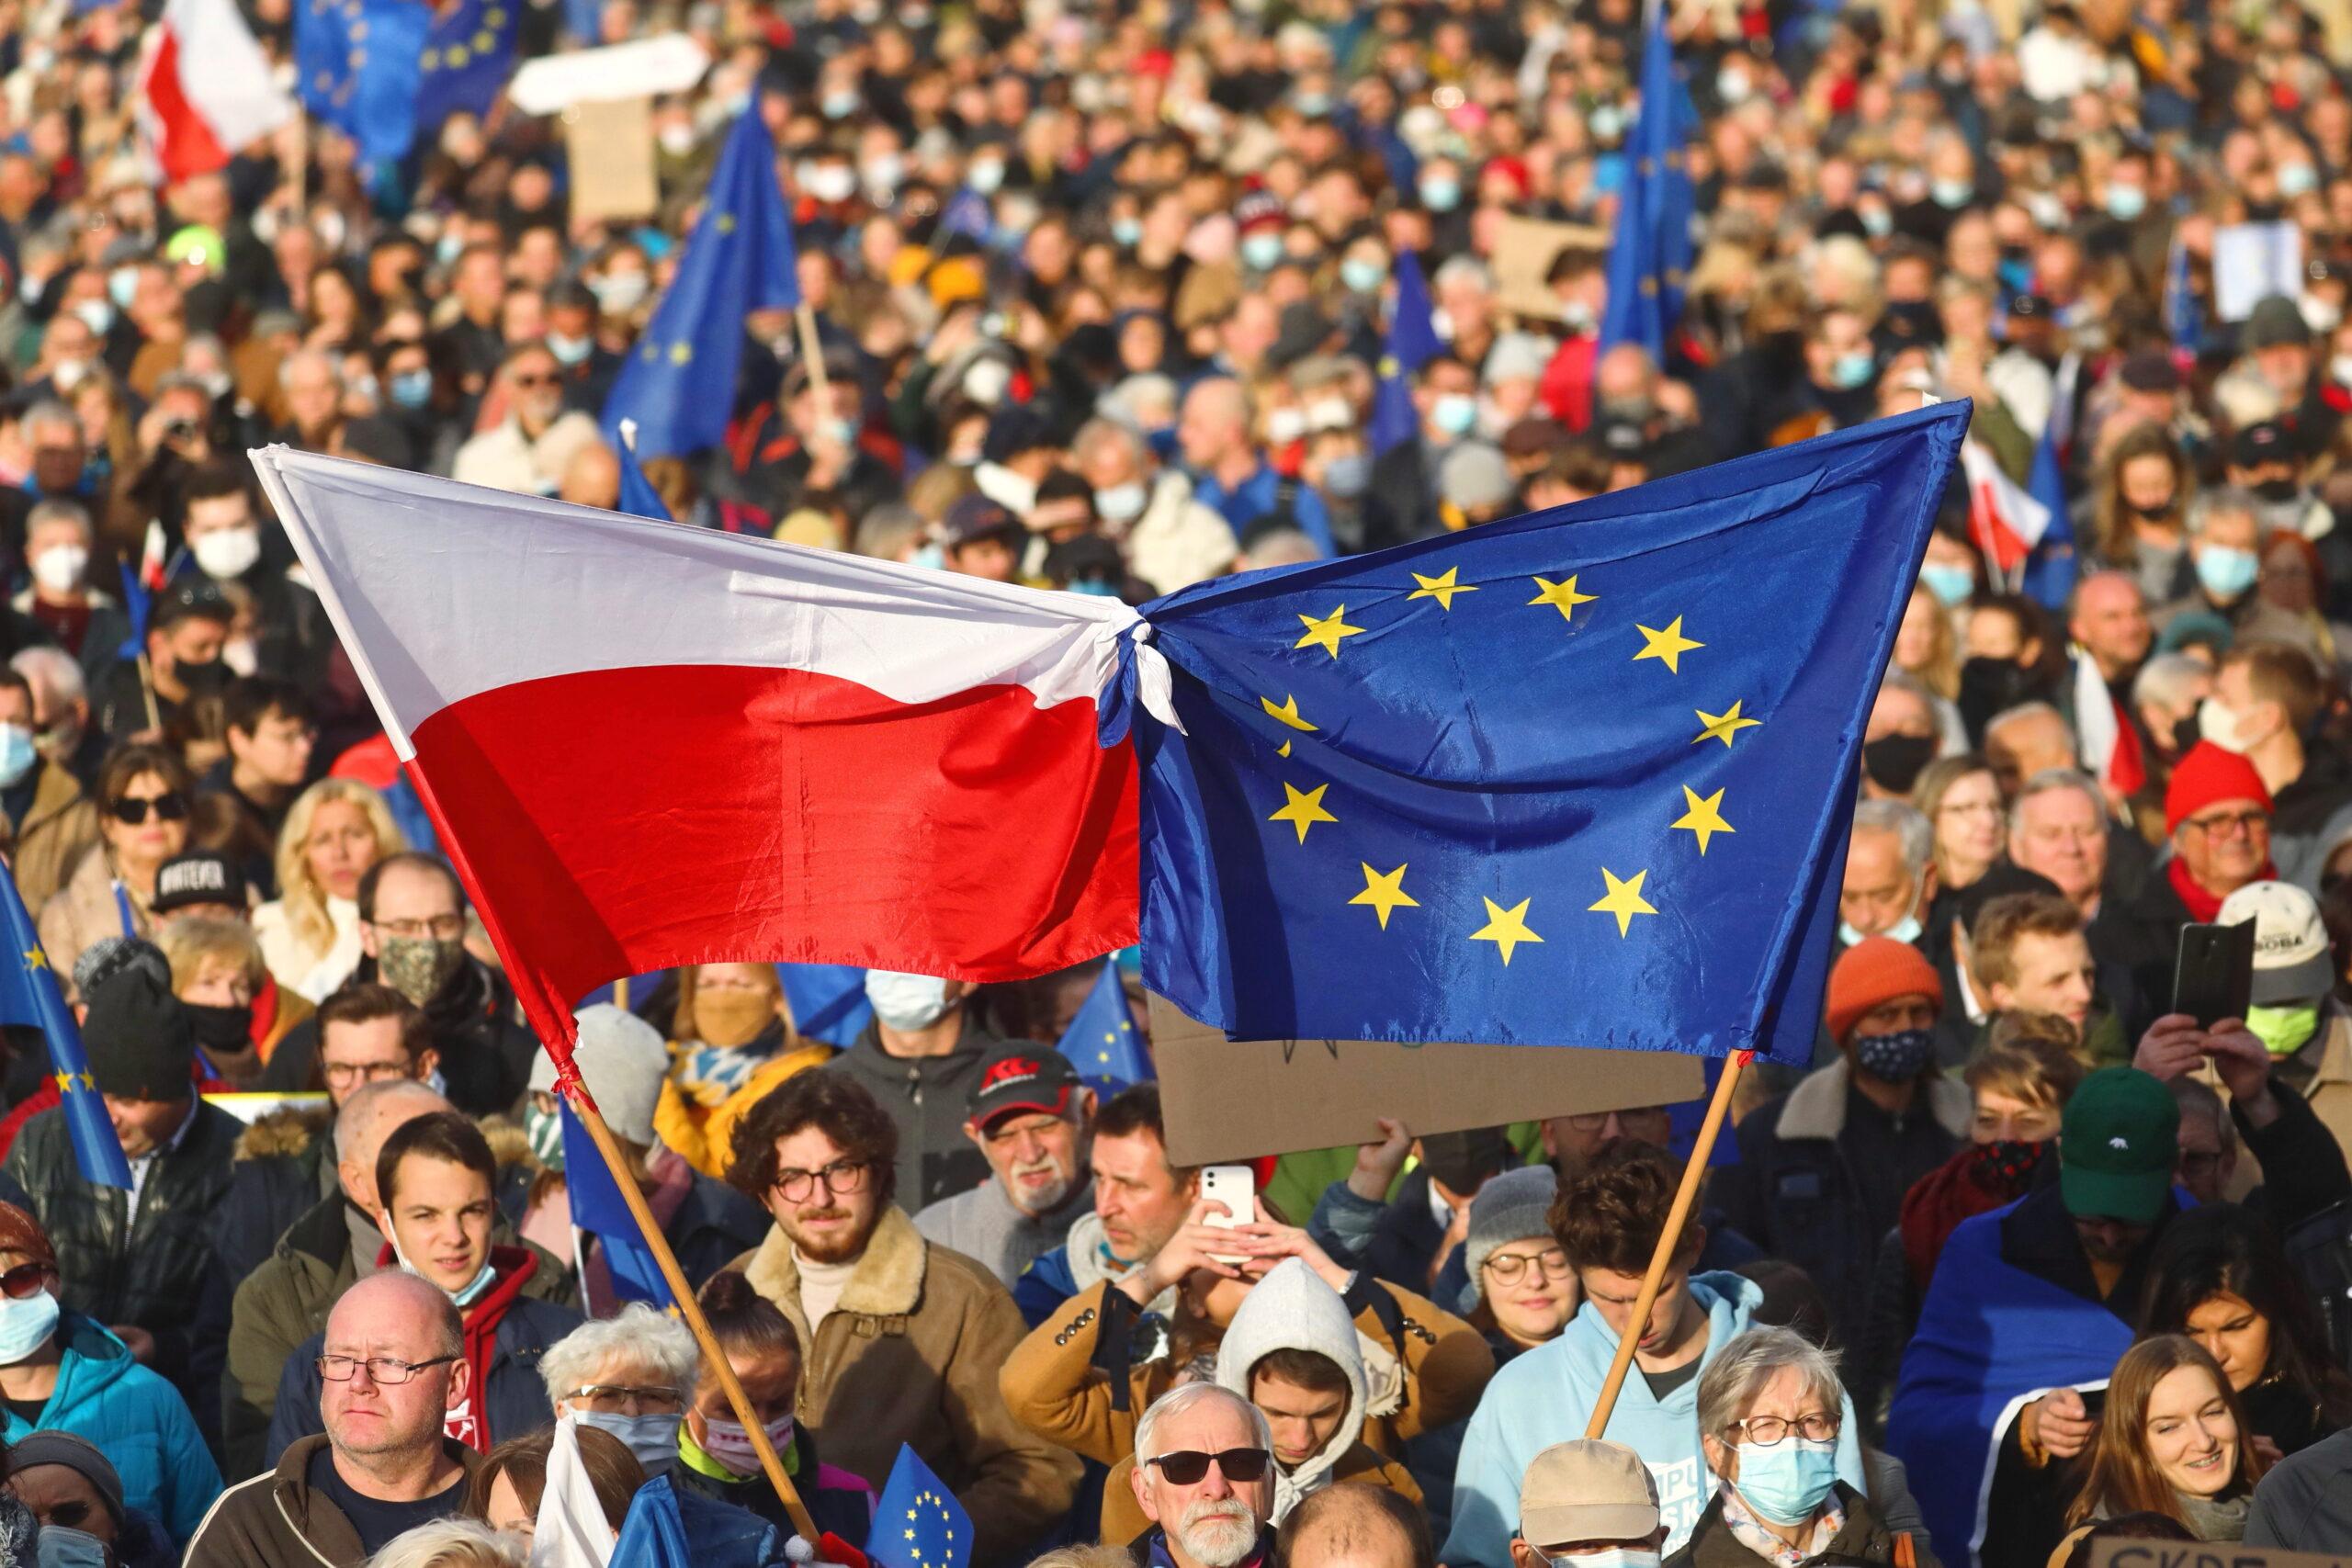 Economist: Lengyelország nem fog kilépni és ez problémát jelent az EU-nak